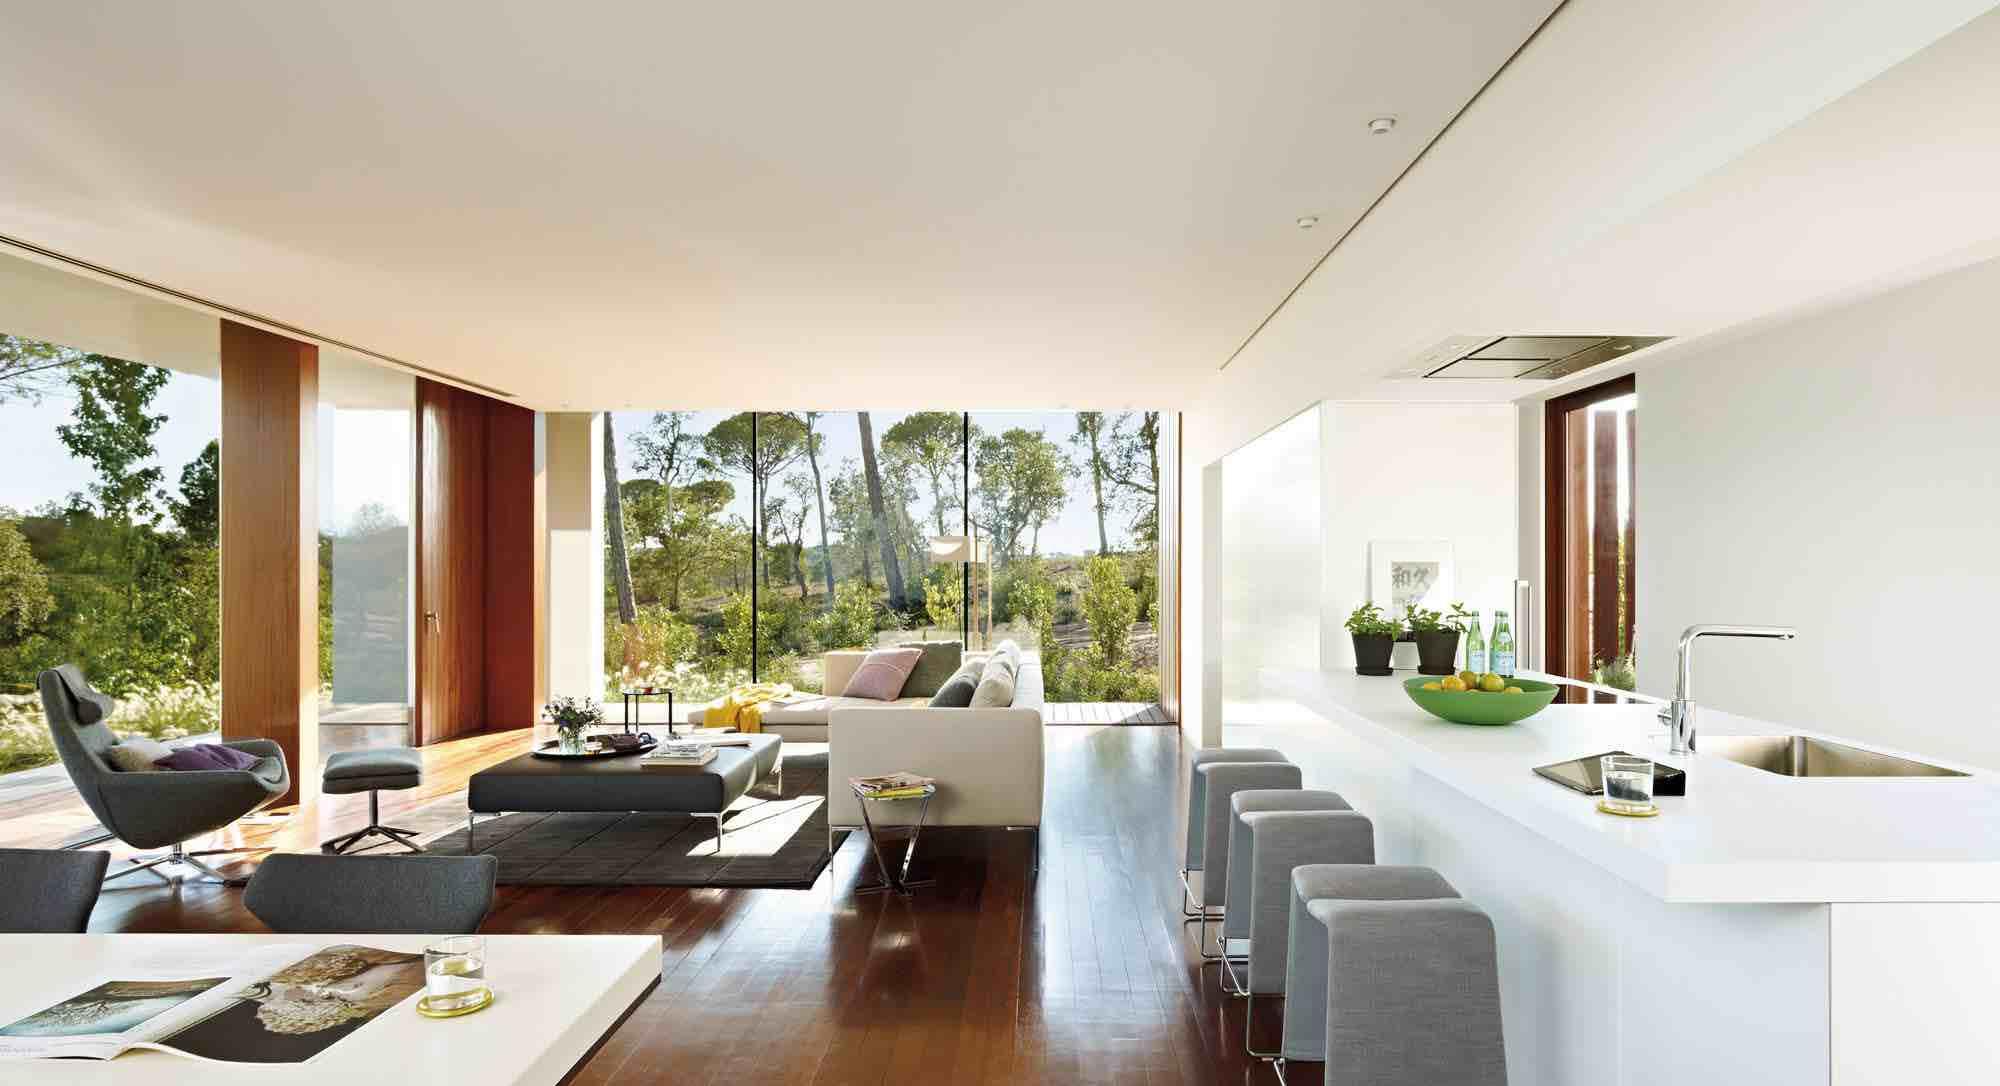 Villa indigo by josep camps and olga felip caandesign for Interieur villa design